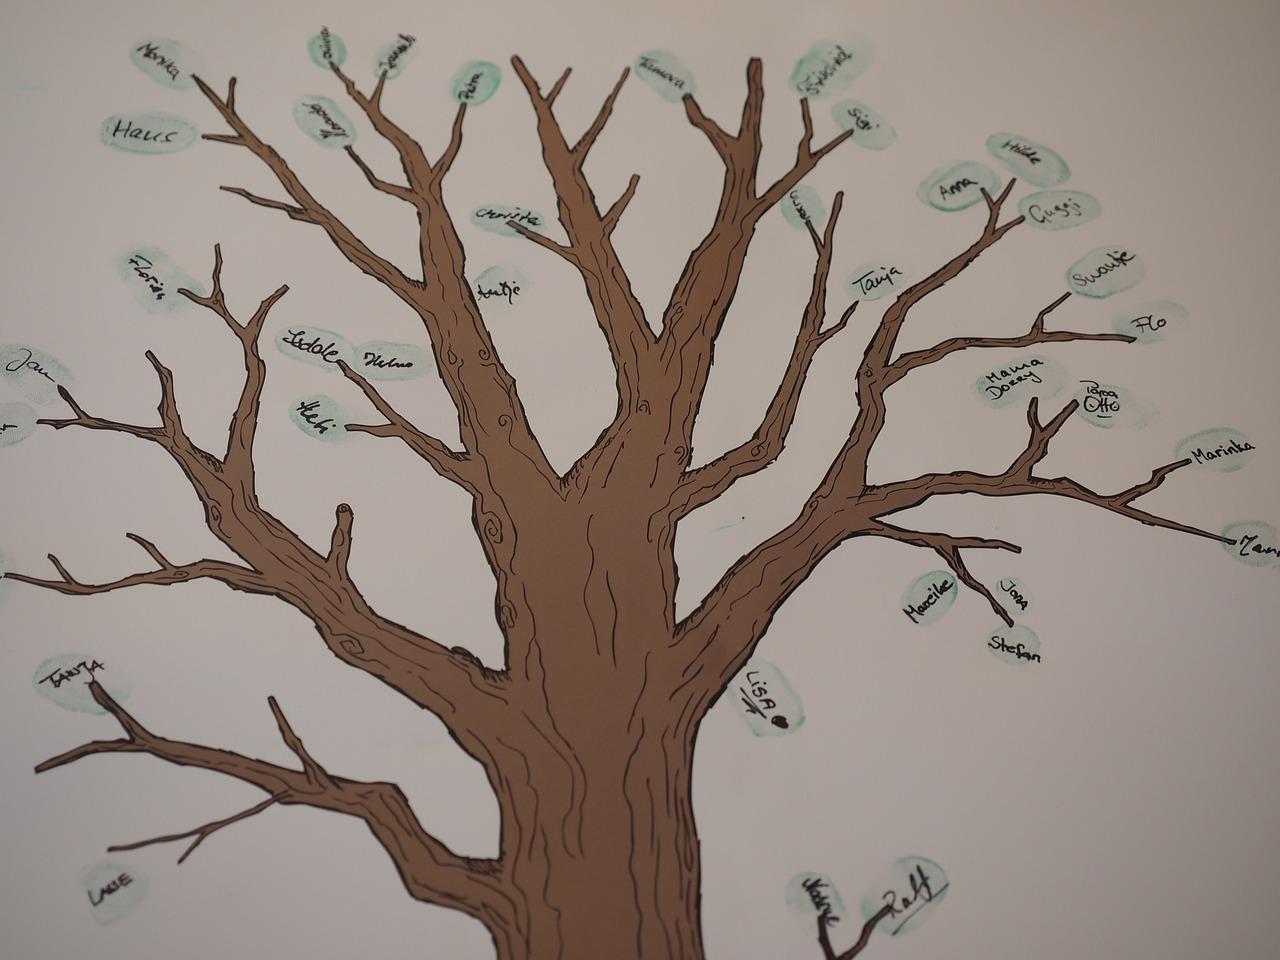 kako-napraviti-obiteljsko-stablo-izrada-obiteljskog-stabla-kako-hr